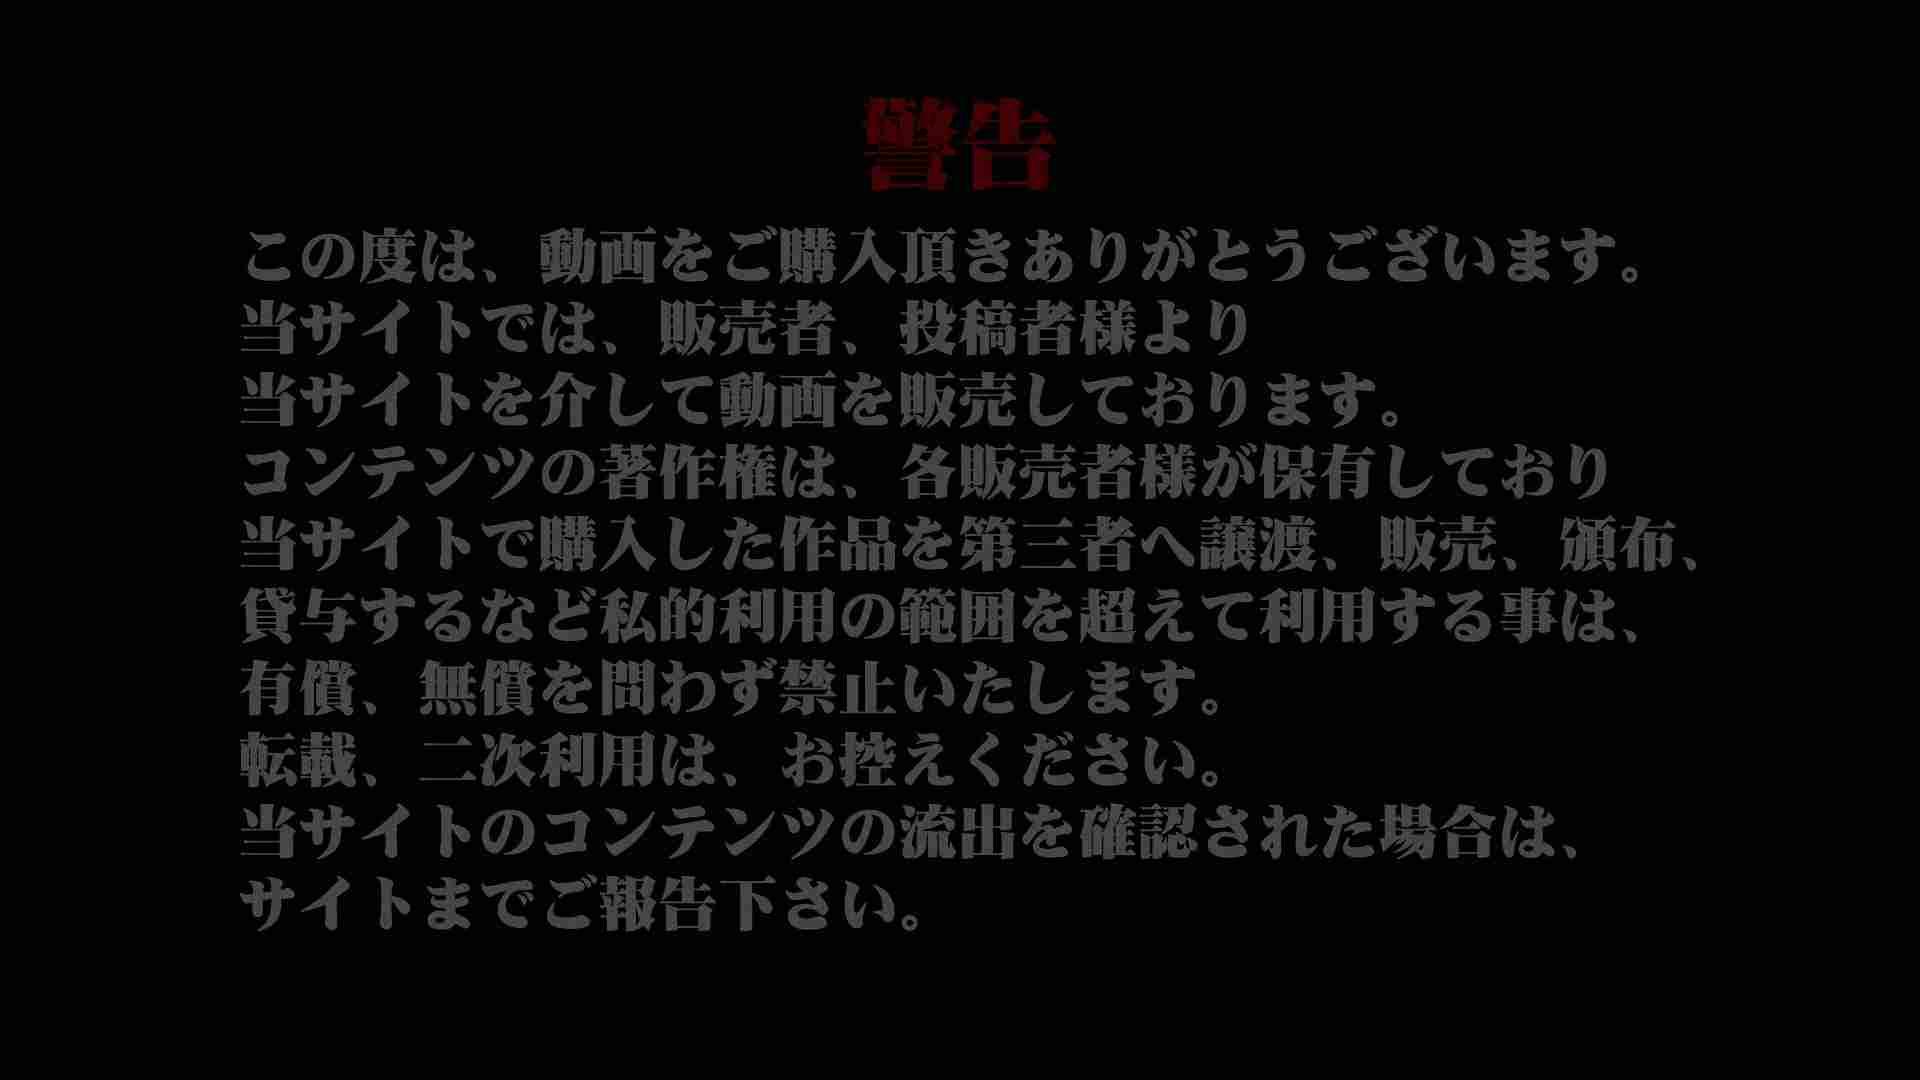 Aquaな露天風呂Vol.906 盗撮 | 露天  92画像 4